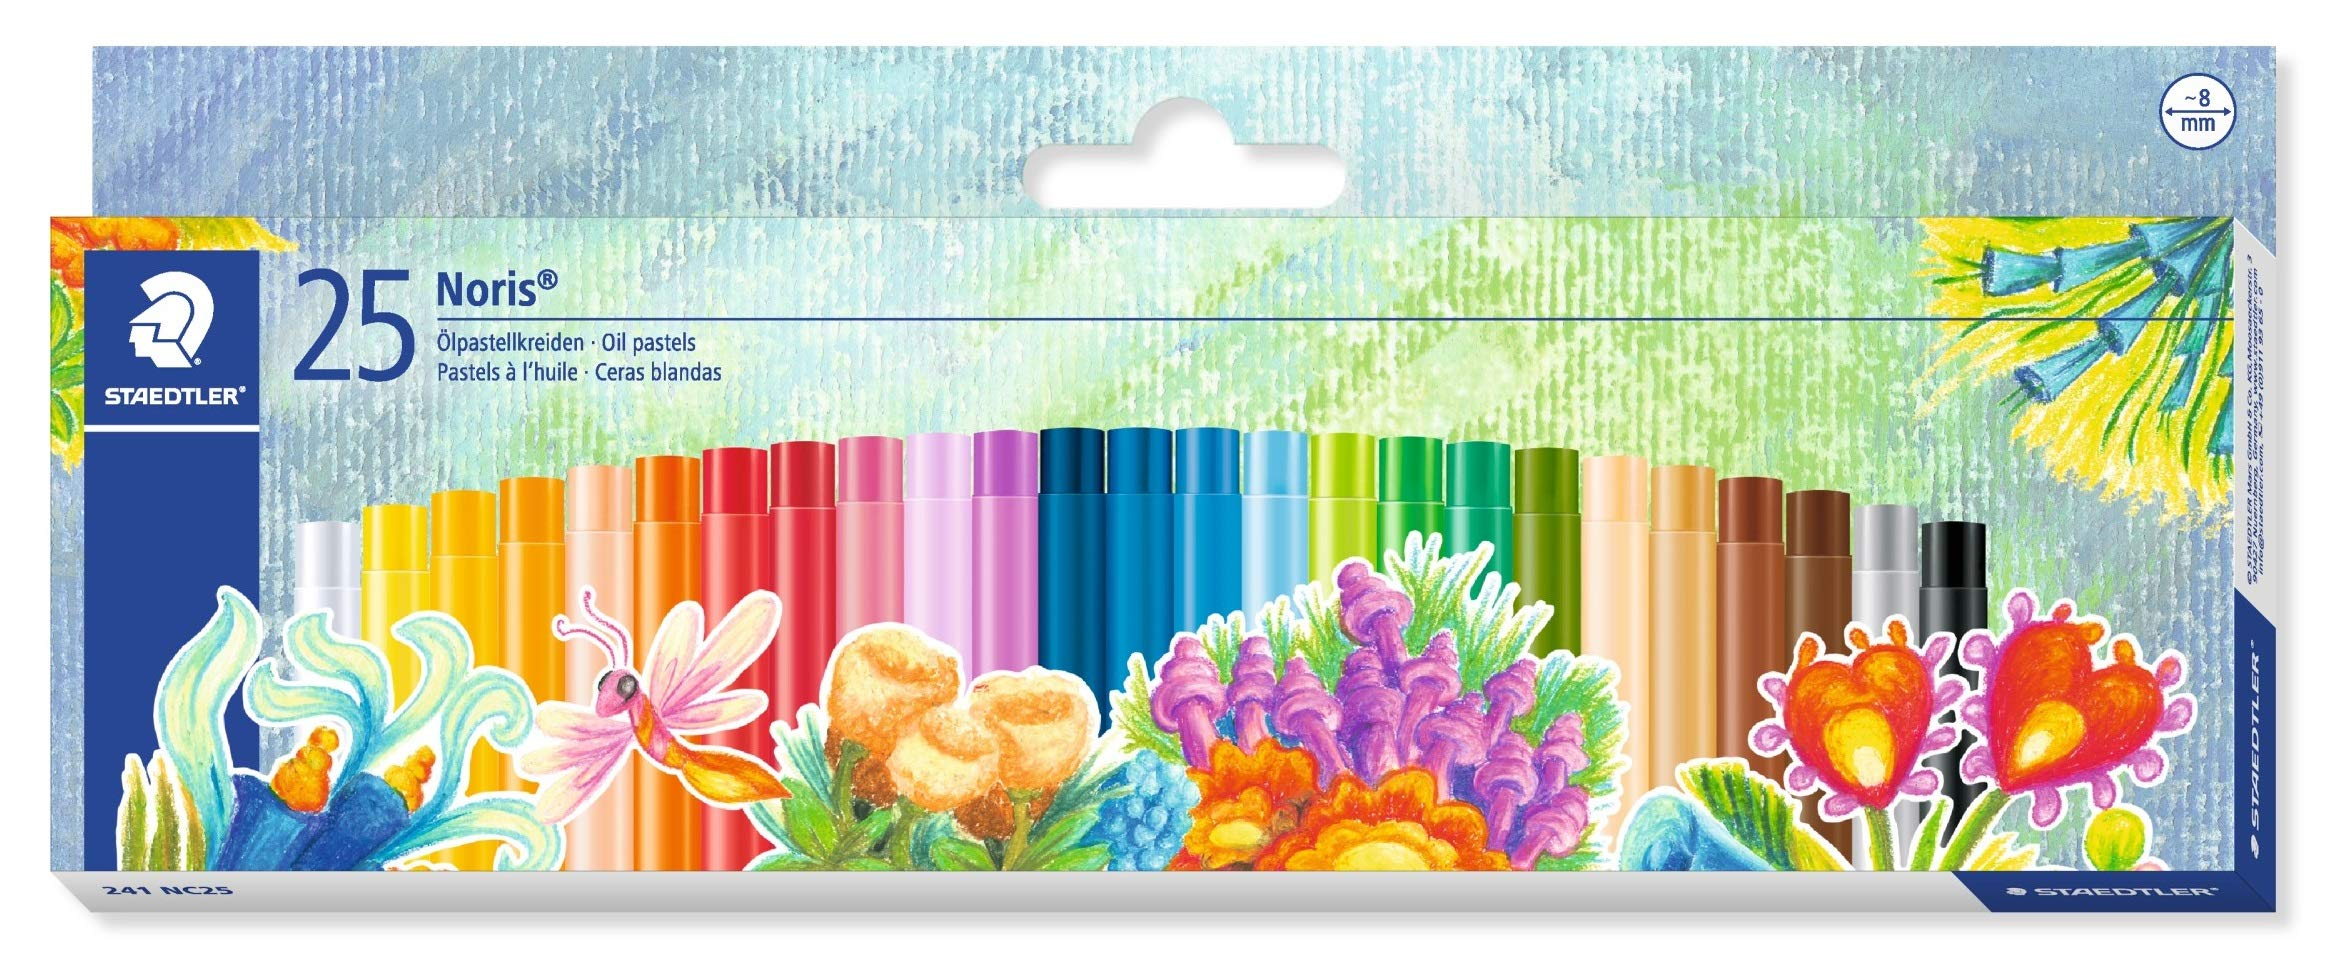 STAEDTLER 241NC25 - Estuche con 25 Ceras, Multicolor: Amazon.es: Oficina y papelería